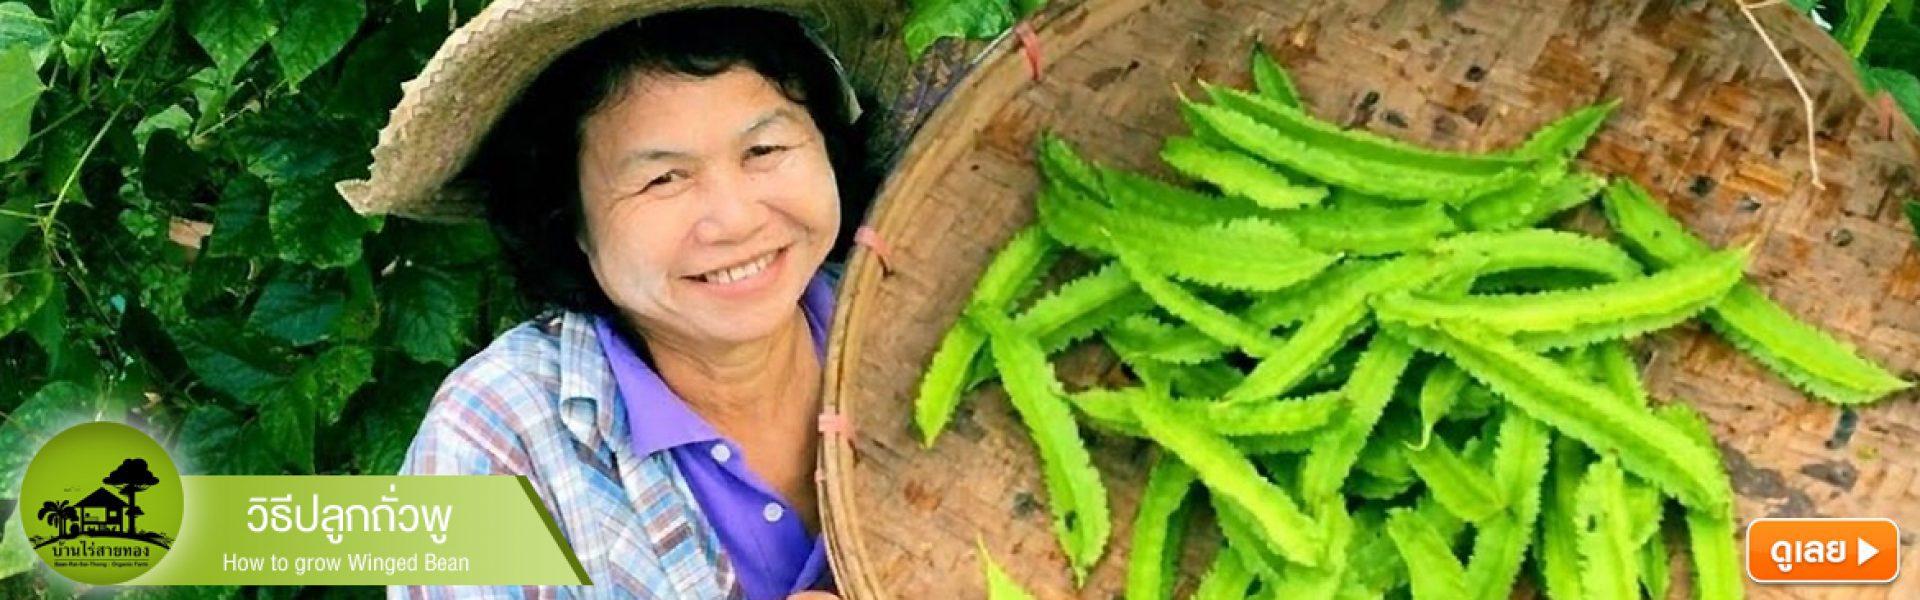 วิธีปลูกถั่วพู / How to grow Winged Bean